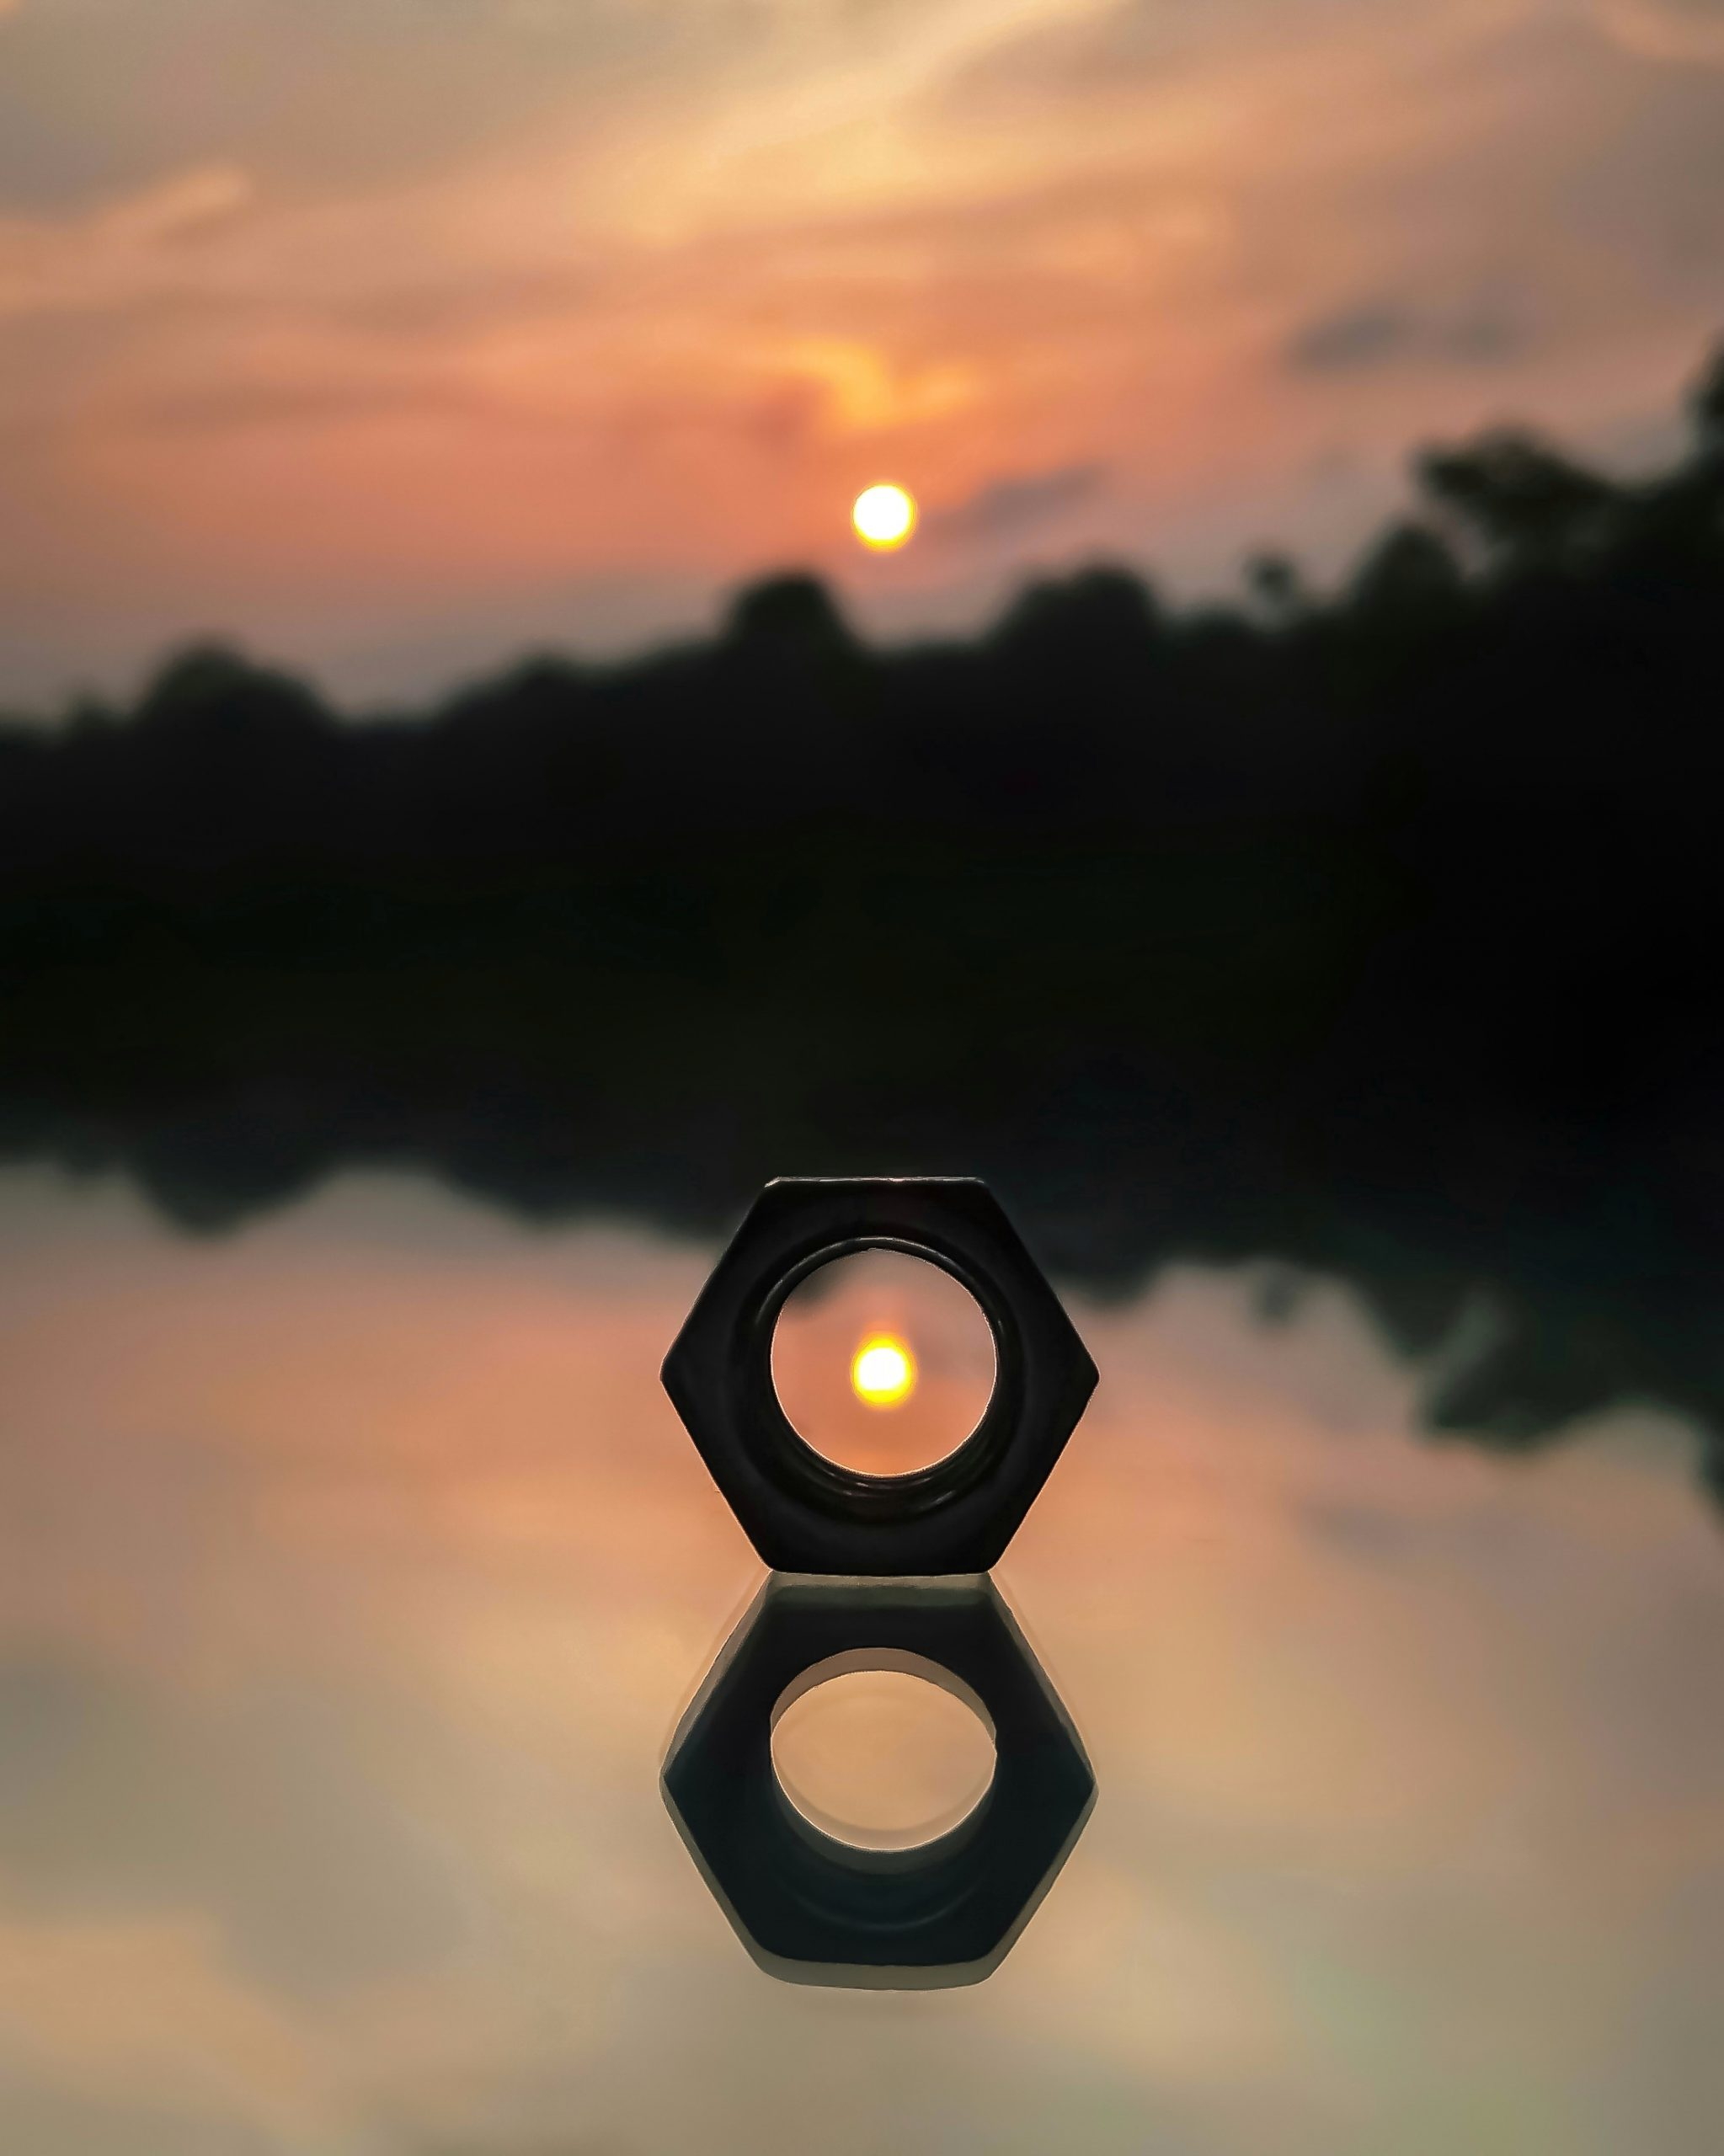 Sun's reflection inside a nut